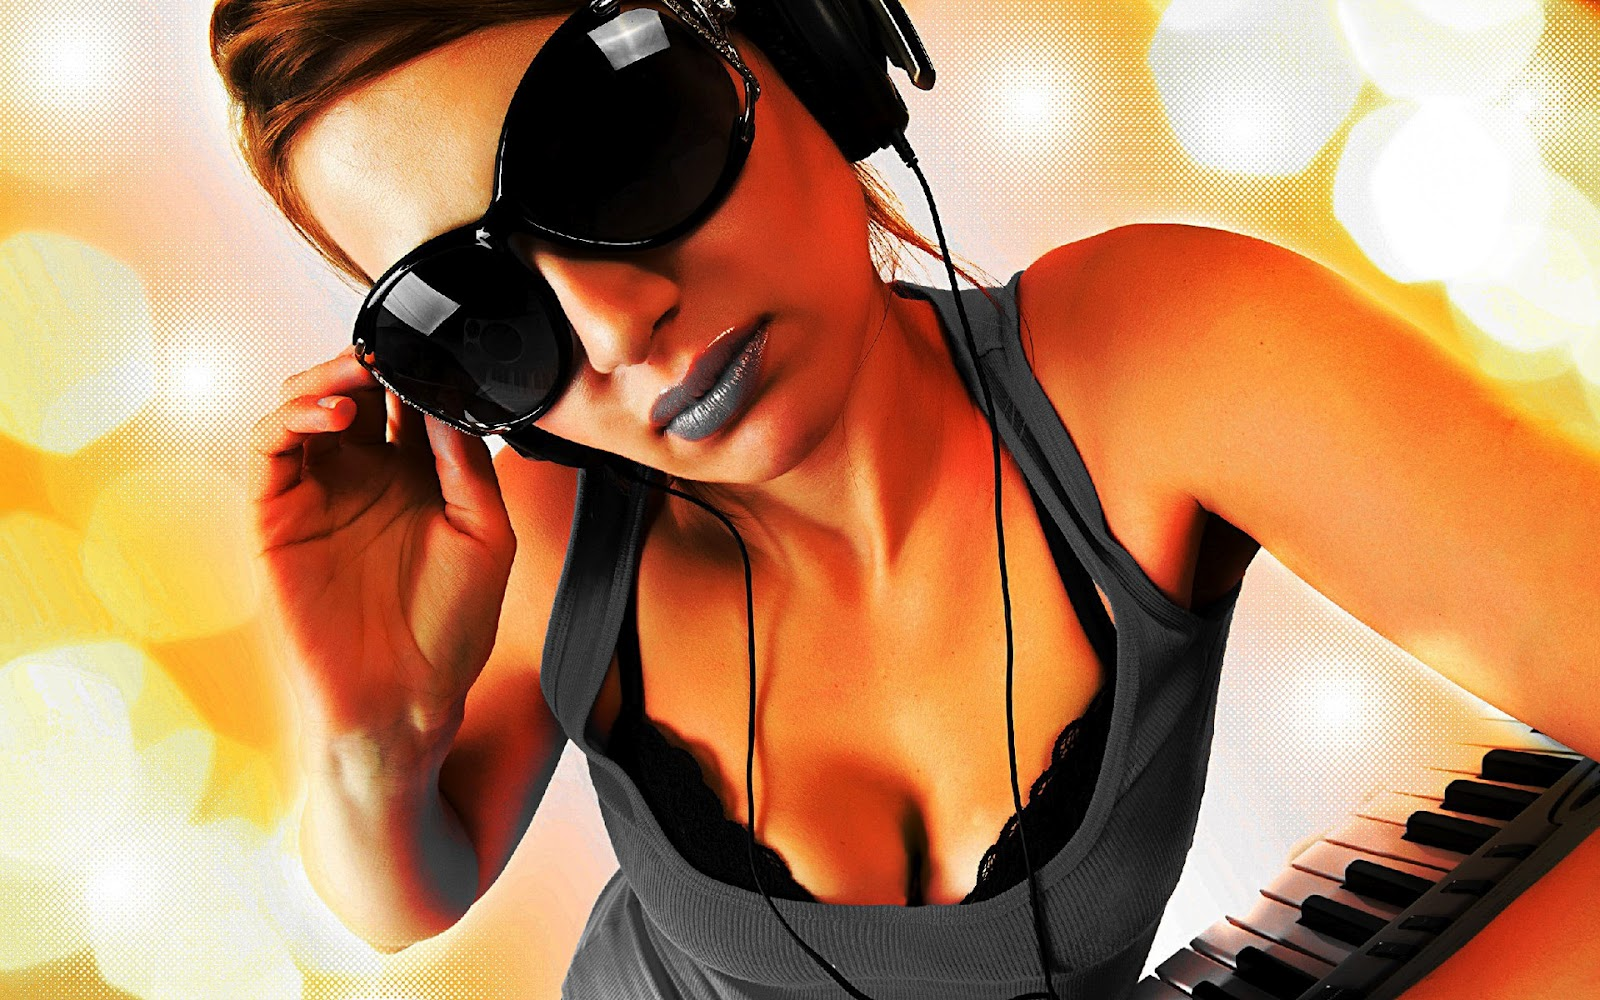 http://1.bp.blogspot.com/-4JCtL0MO5UY/T239cqgGwUI/AAAAAAAAbJQ/yomwz1BpyVk/s1600/DJ+Girls.jpg